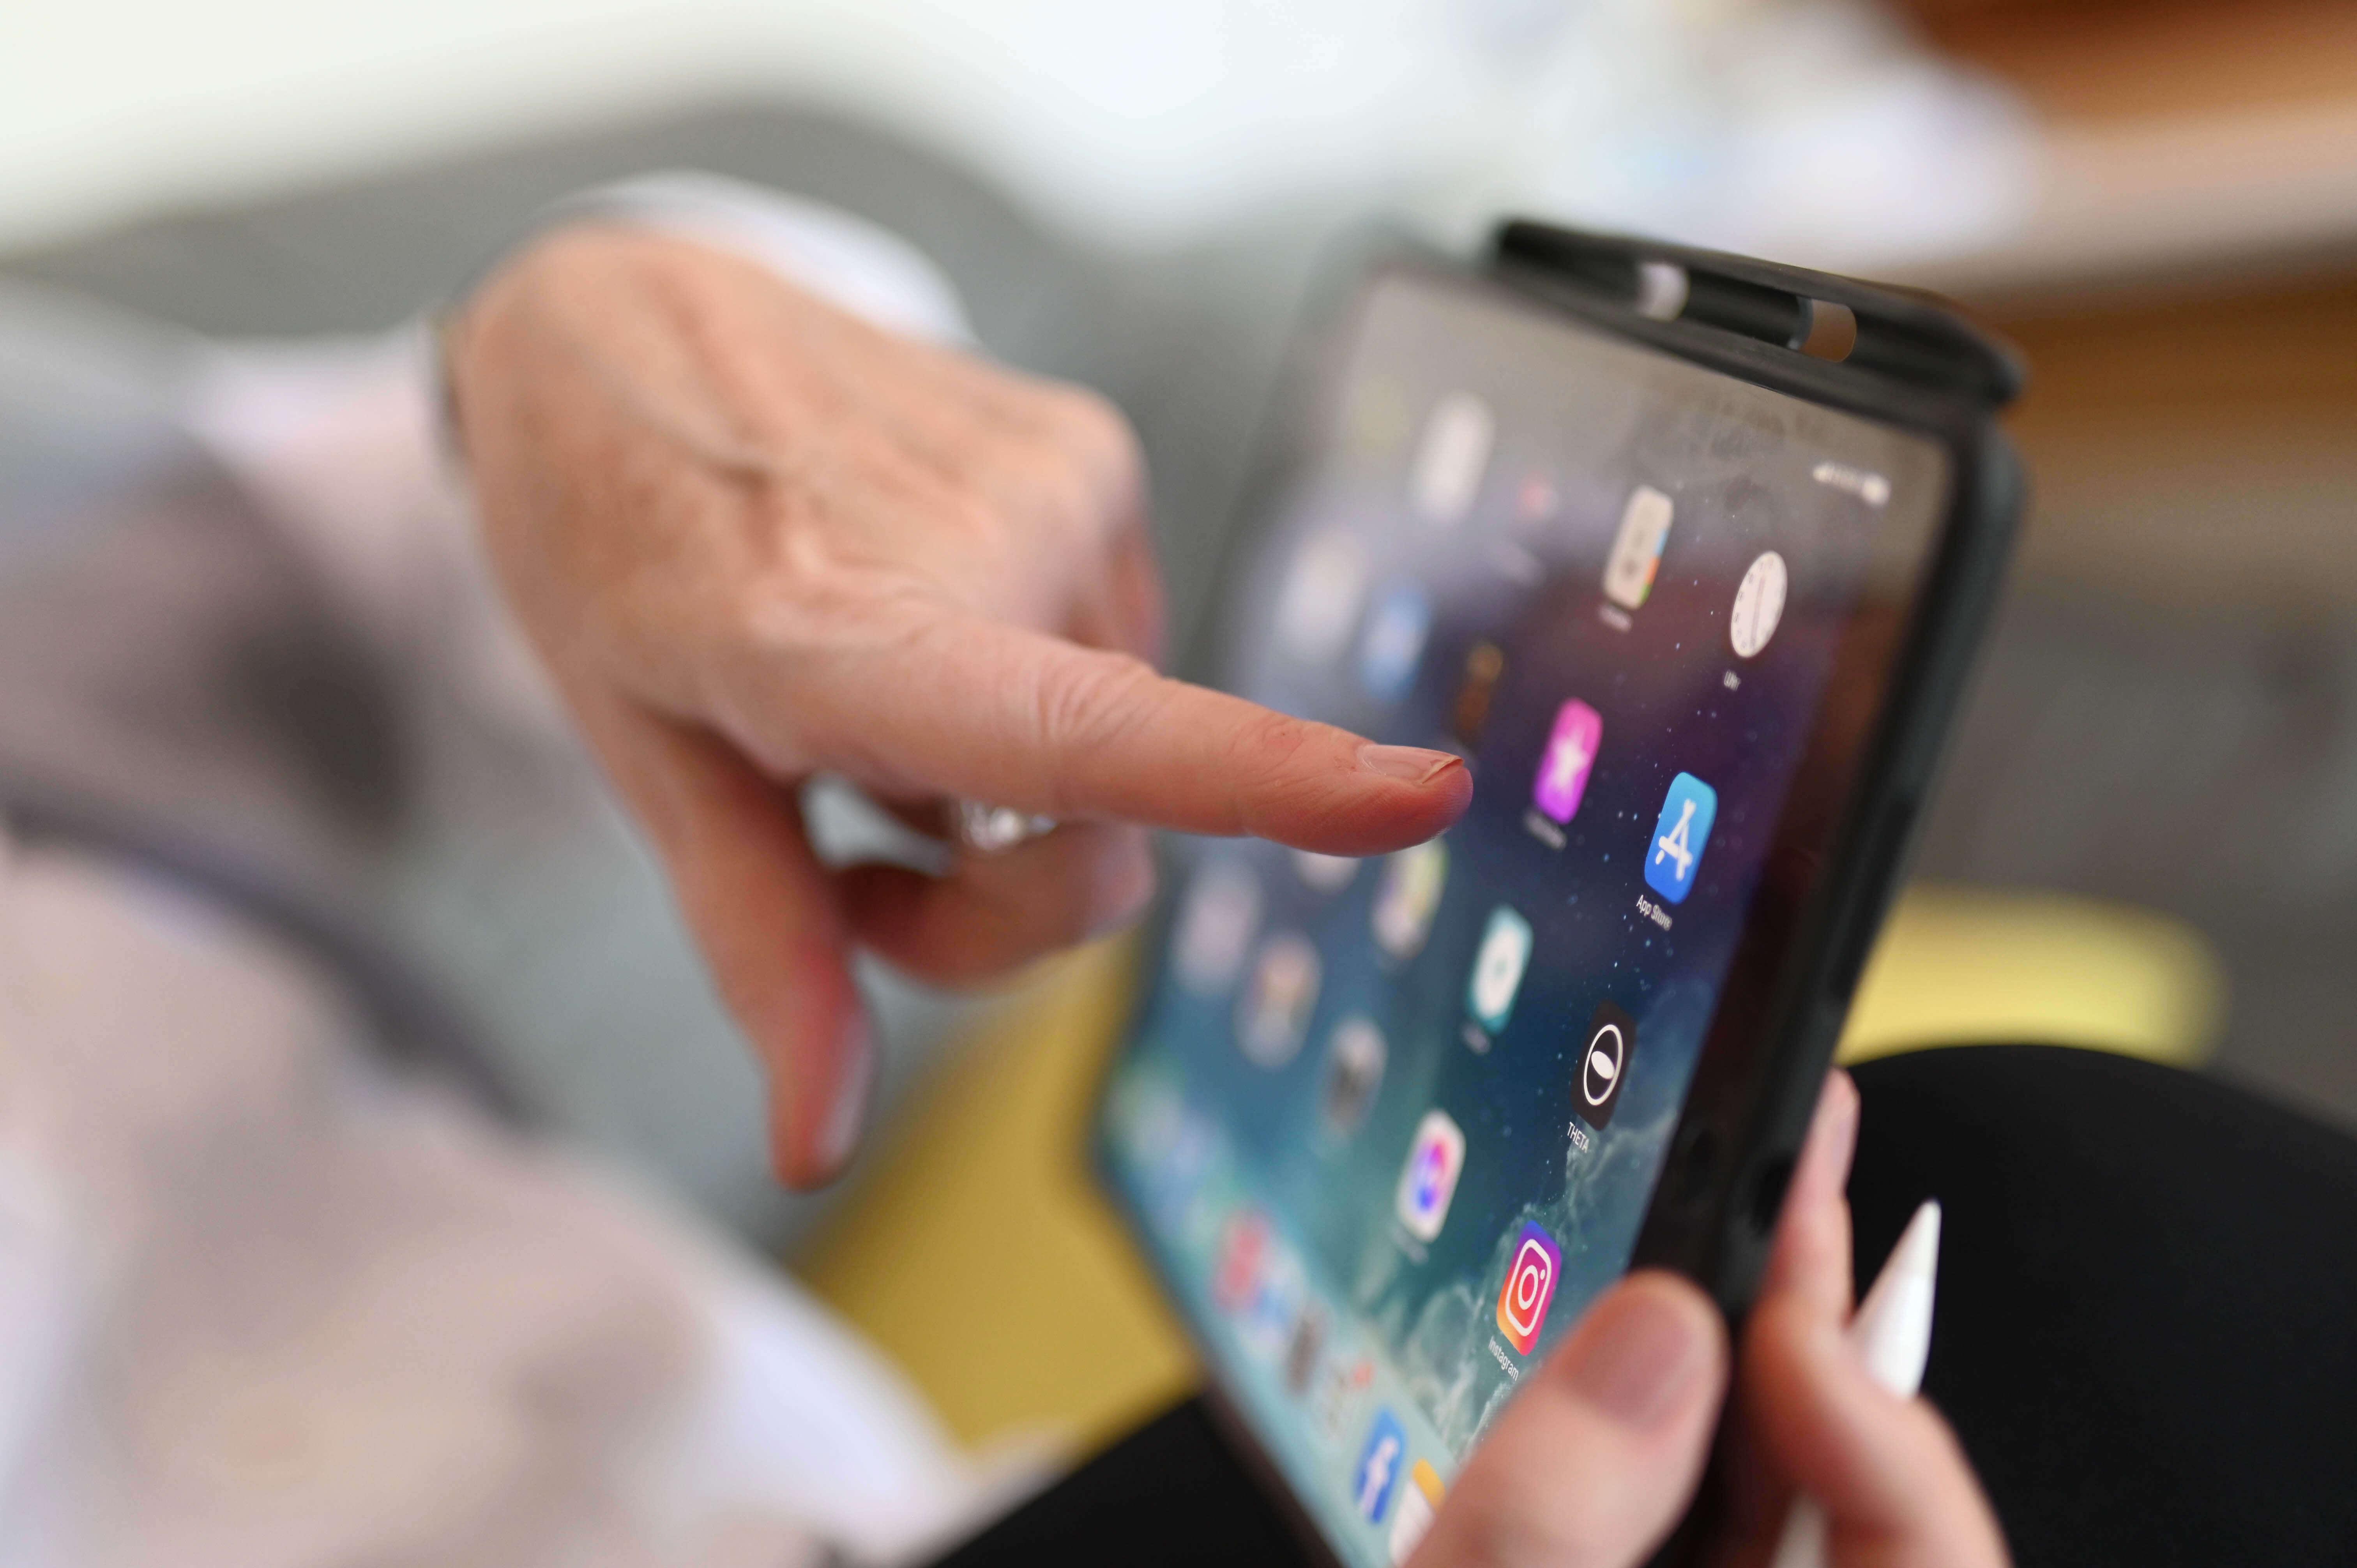 Американская корпорация Apple планирует презентовать предстоящей осенью новую версию планшетов iPad mini.